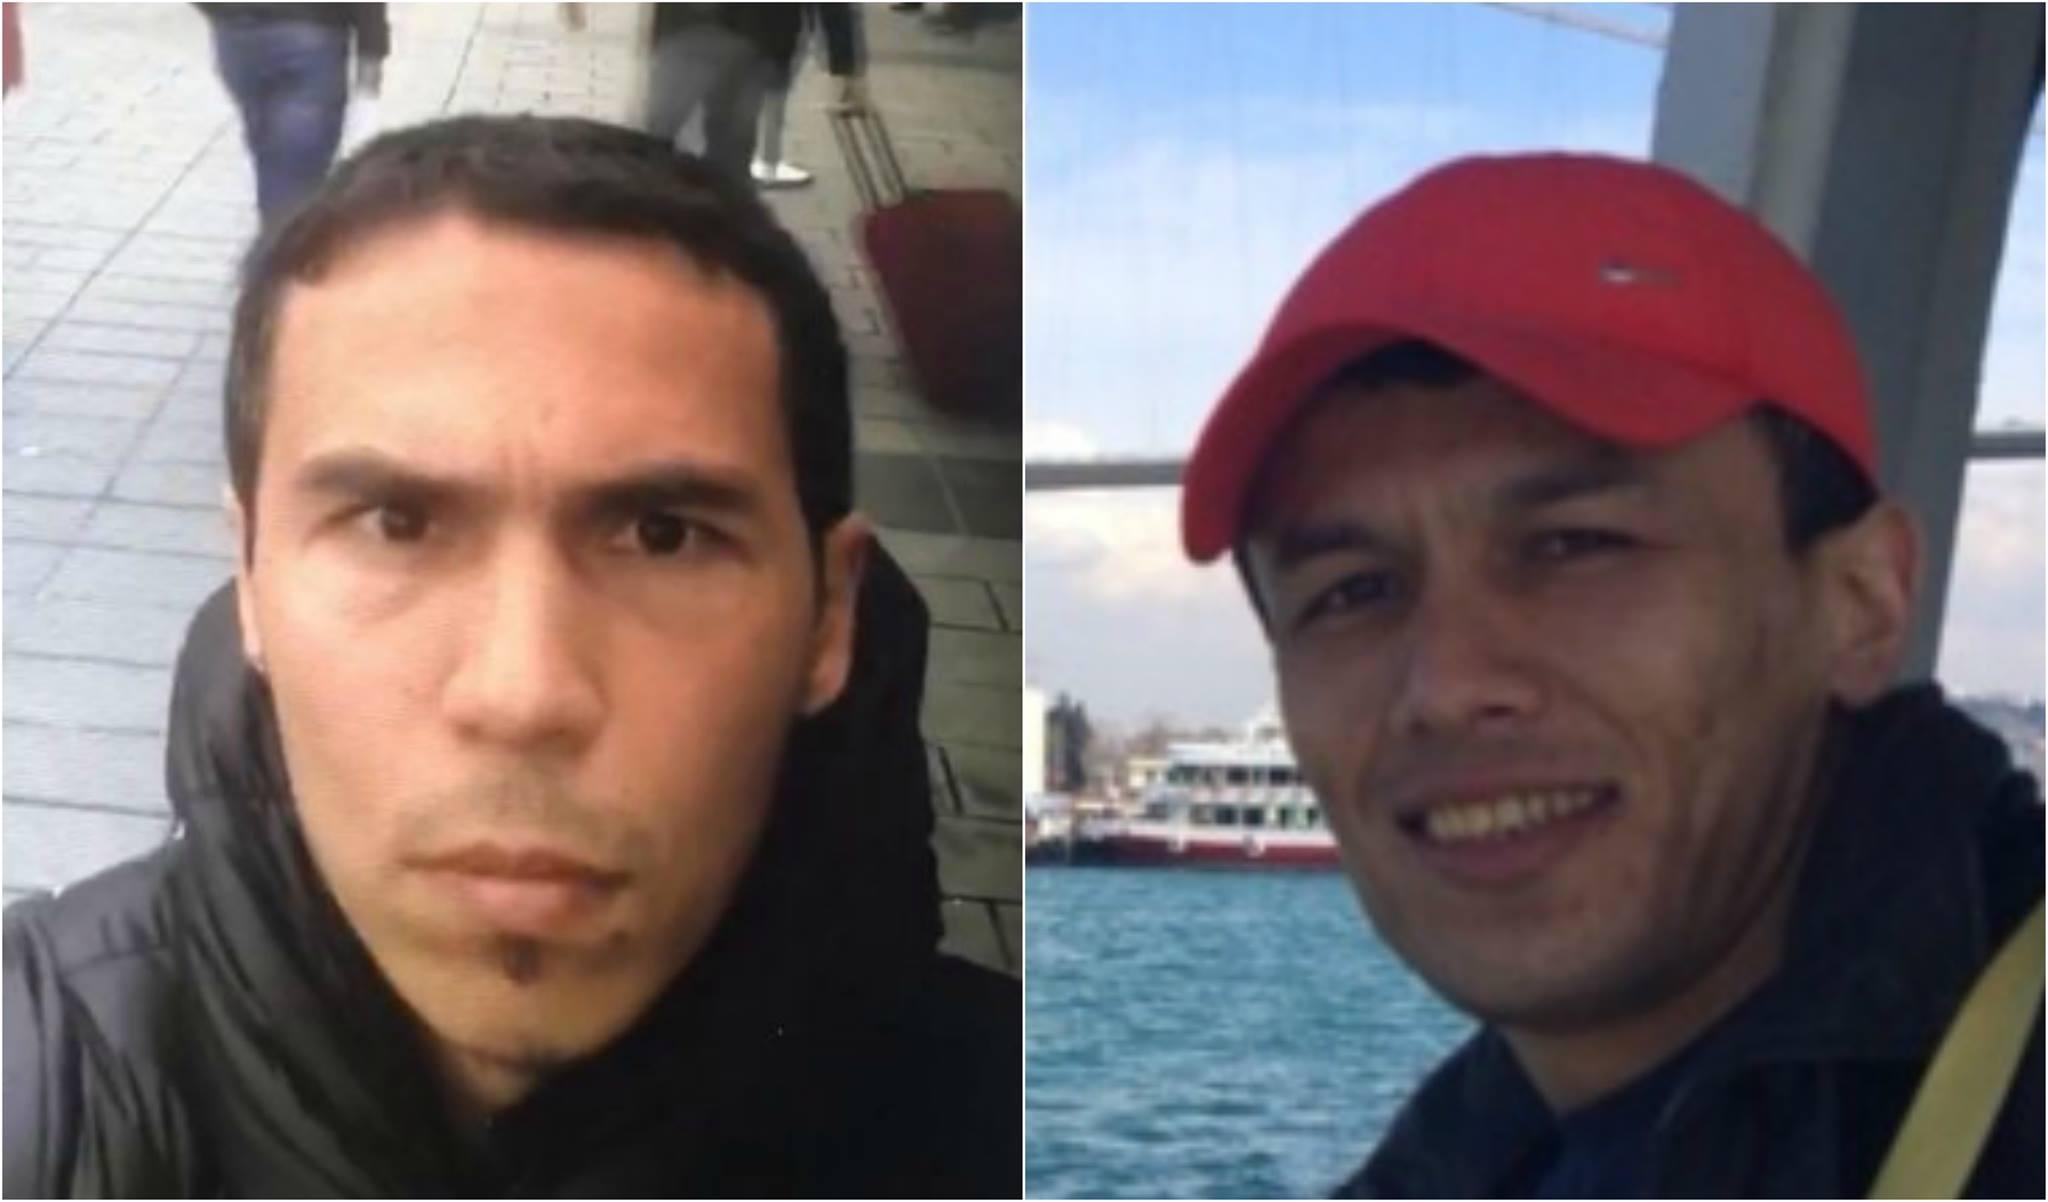 Слева - подозреваемый в теракте в Стамбуле. Справа - кыргызстанец Яхё Машрапов.